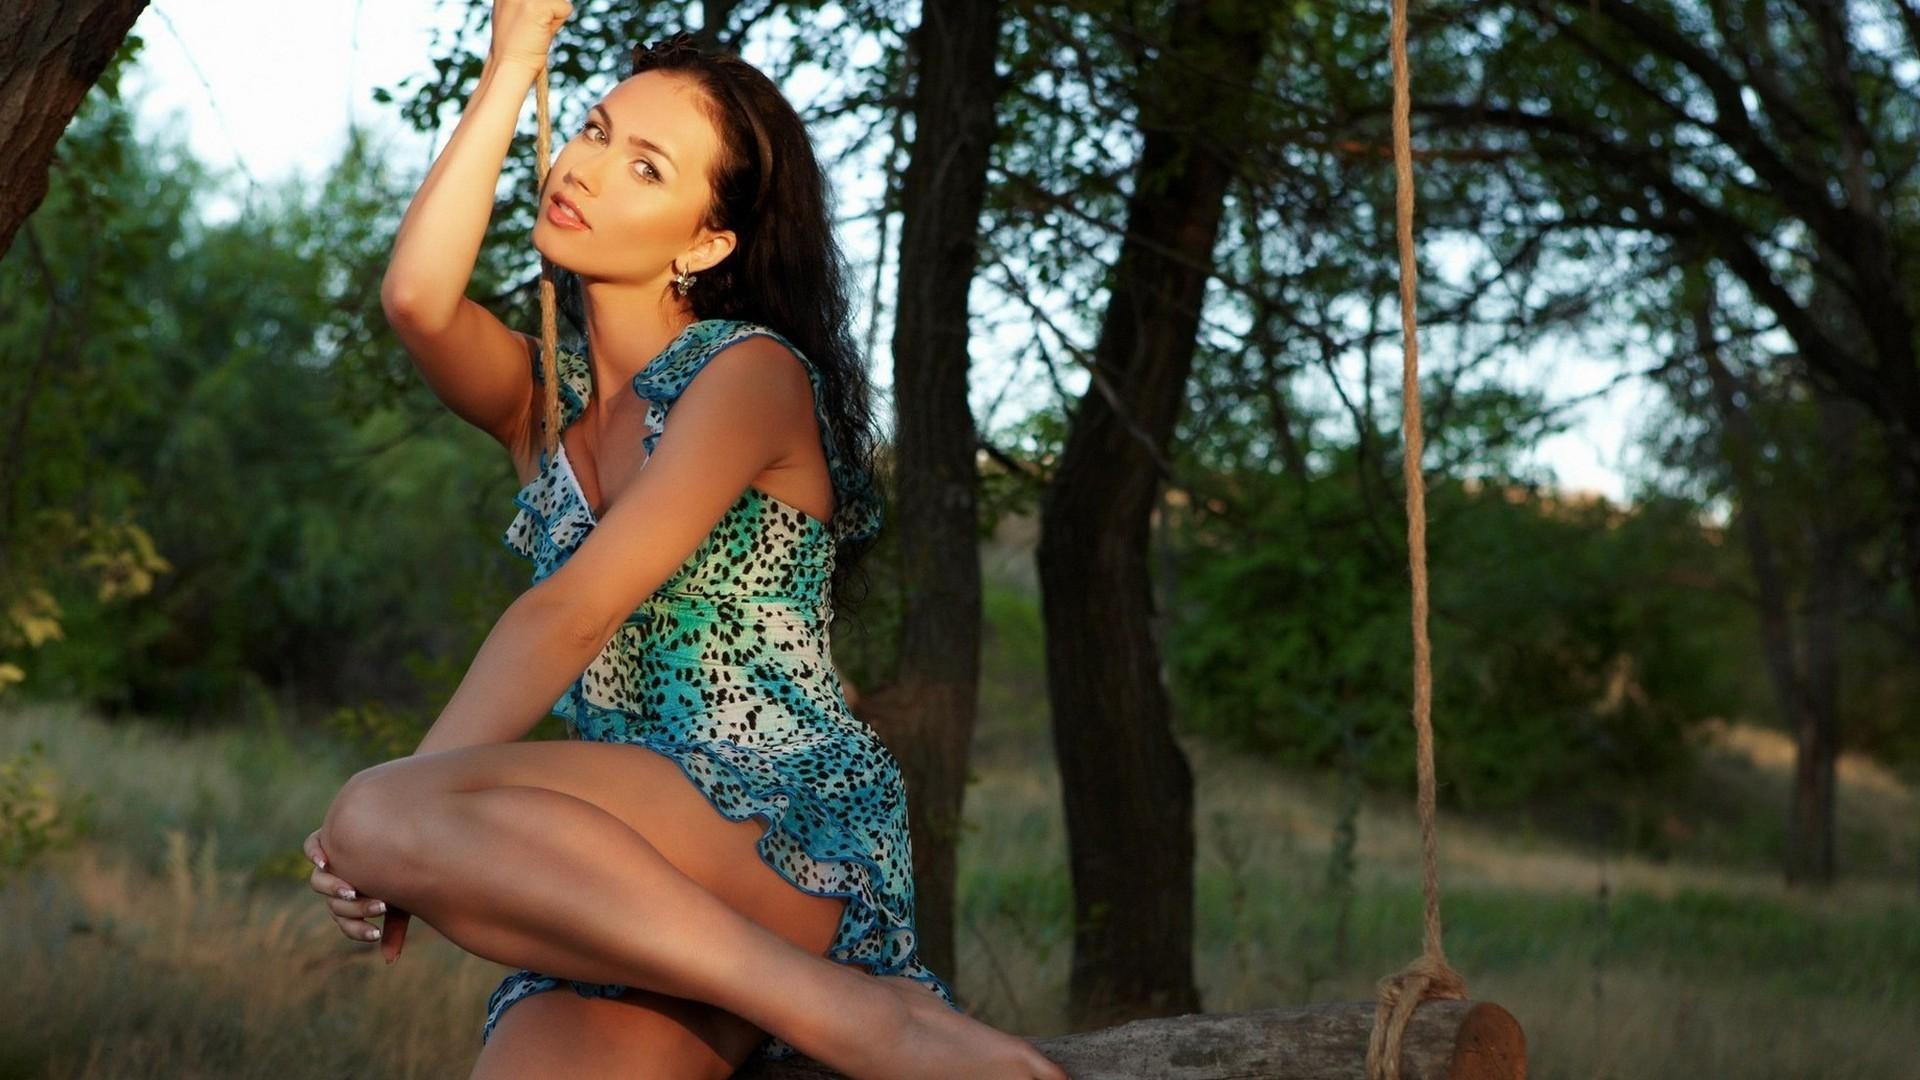 Фитоподборка красивые девушки в платьях 21 фотография